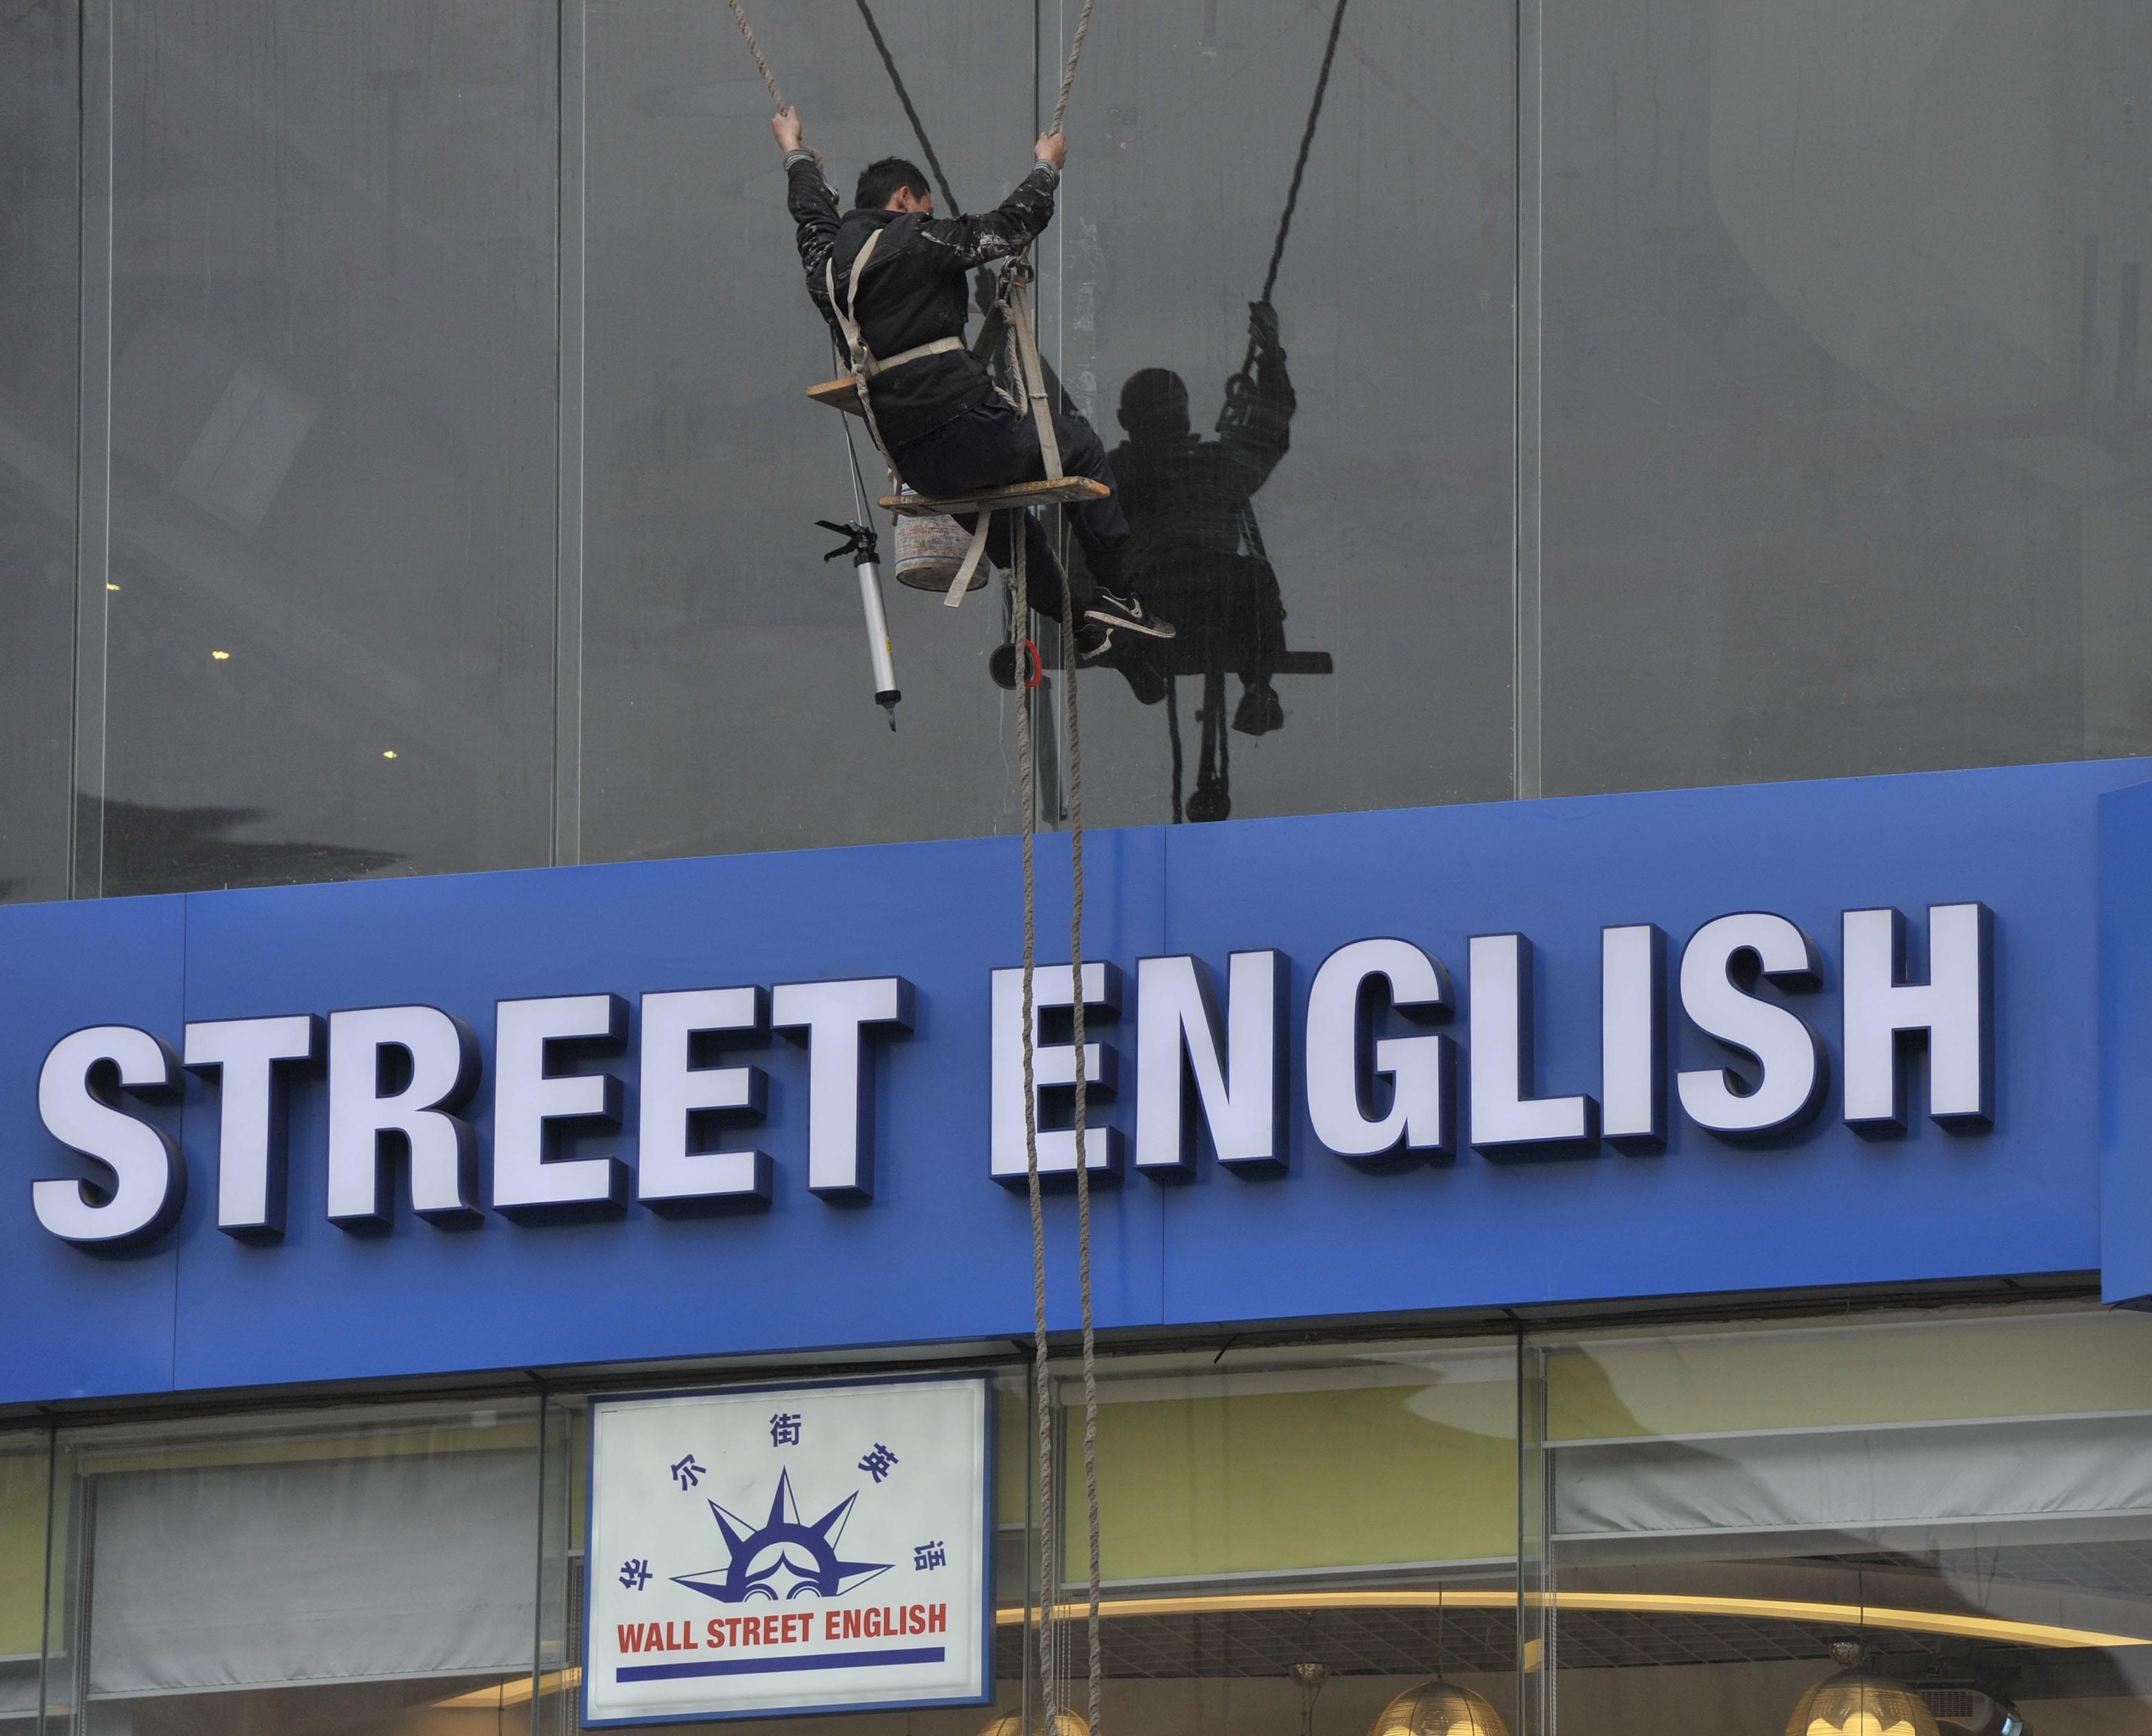 2012年02月29日,江苏省南京市,工人在清洗一家英语培训机构的外墙。 /CFP